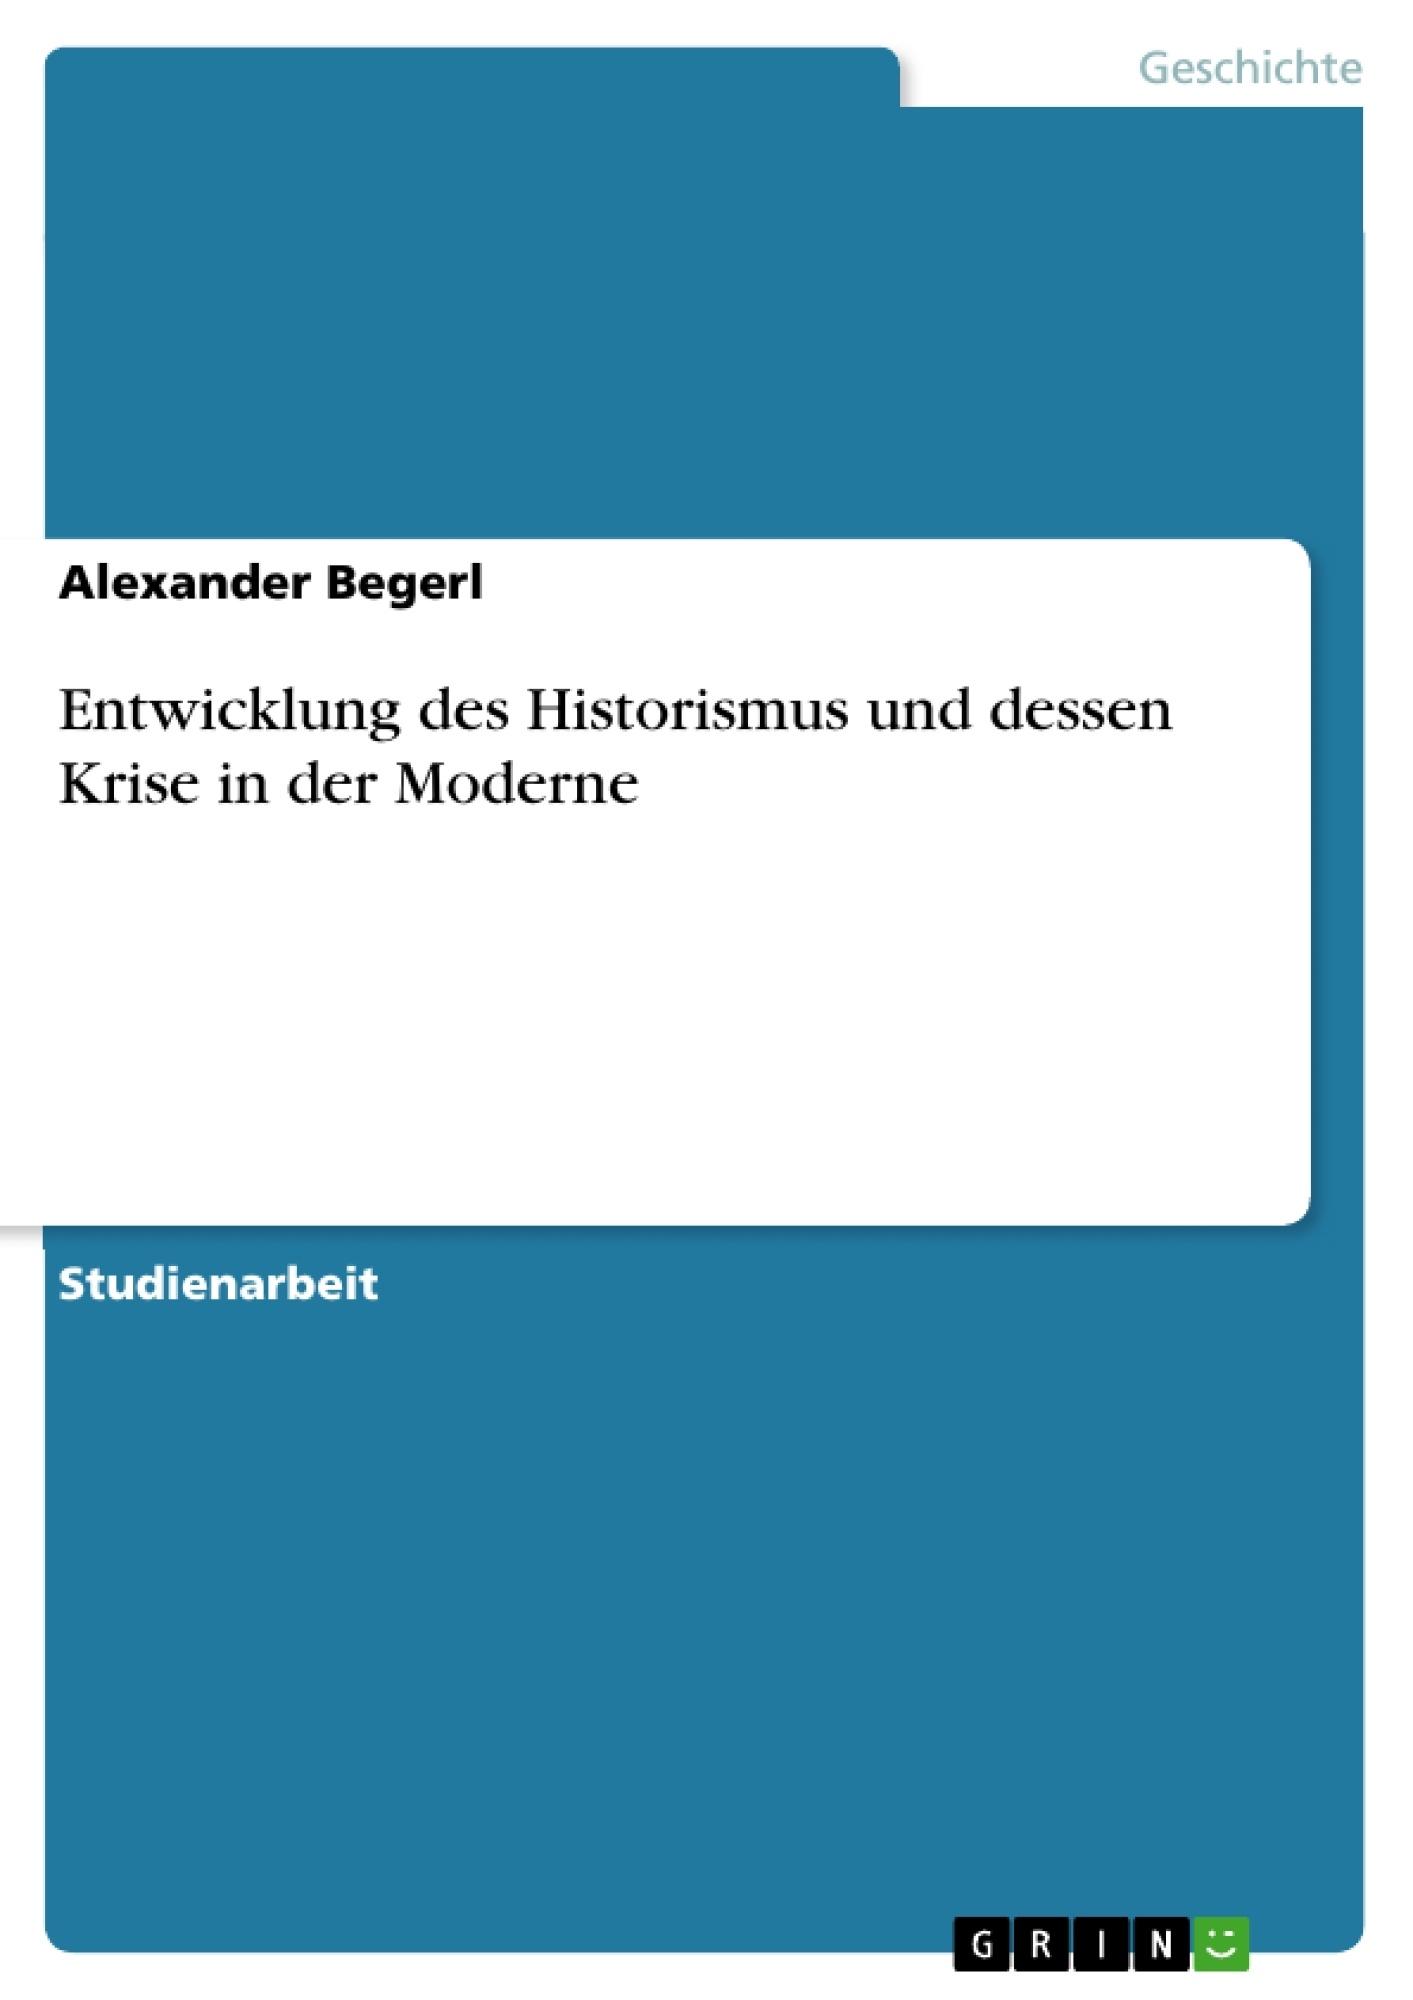 Titel: Entwicklung des Historismus und dessen Krise in der Moderne